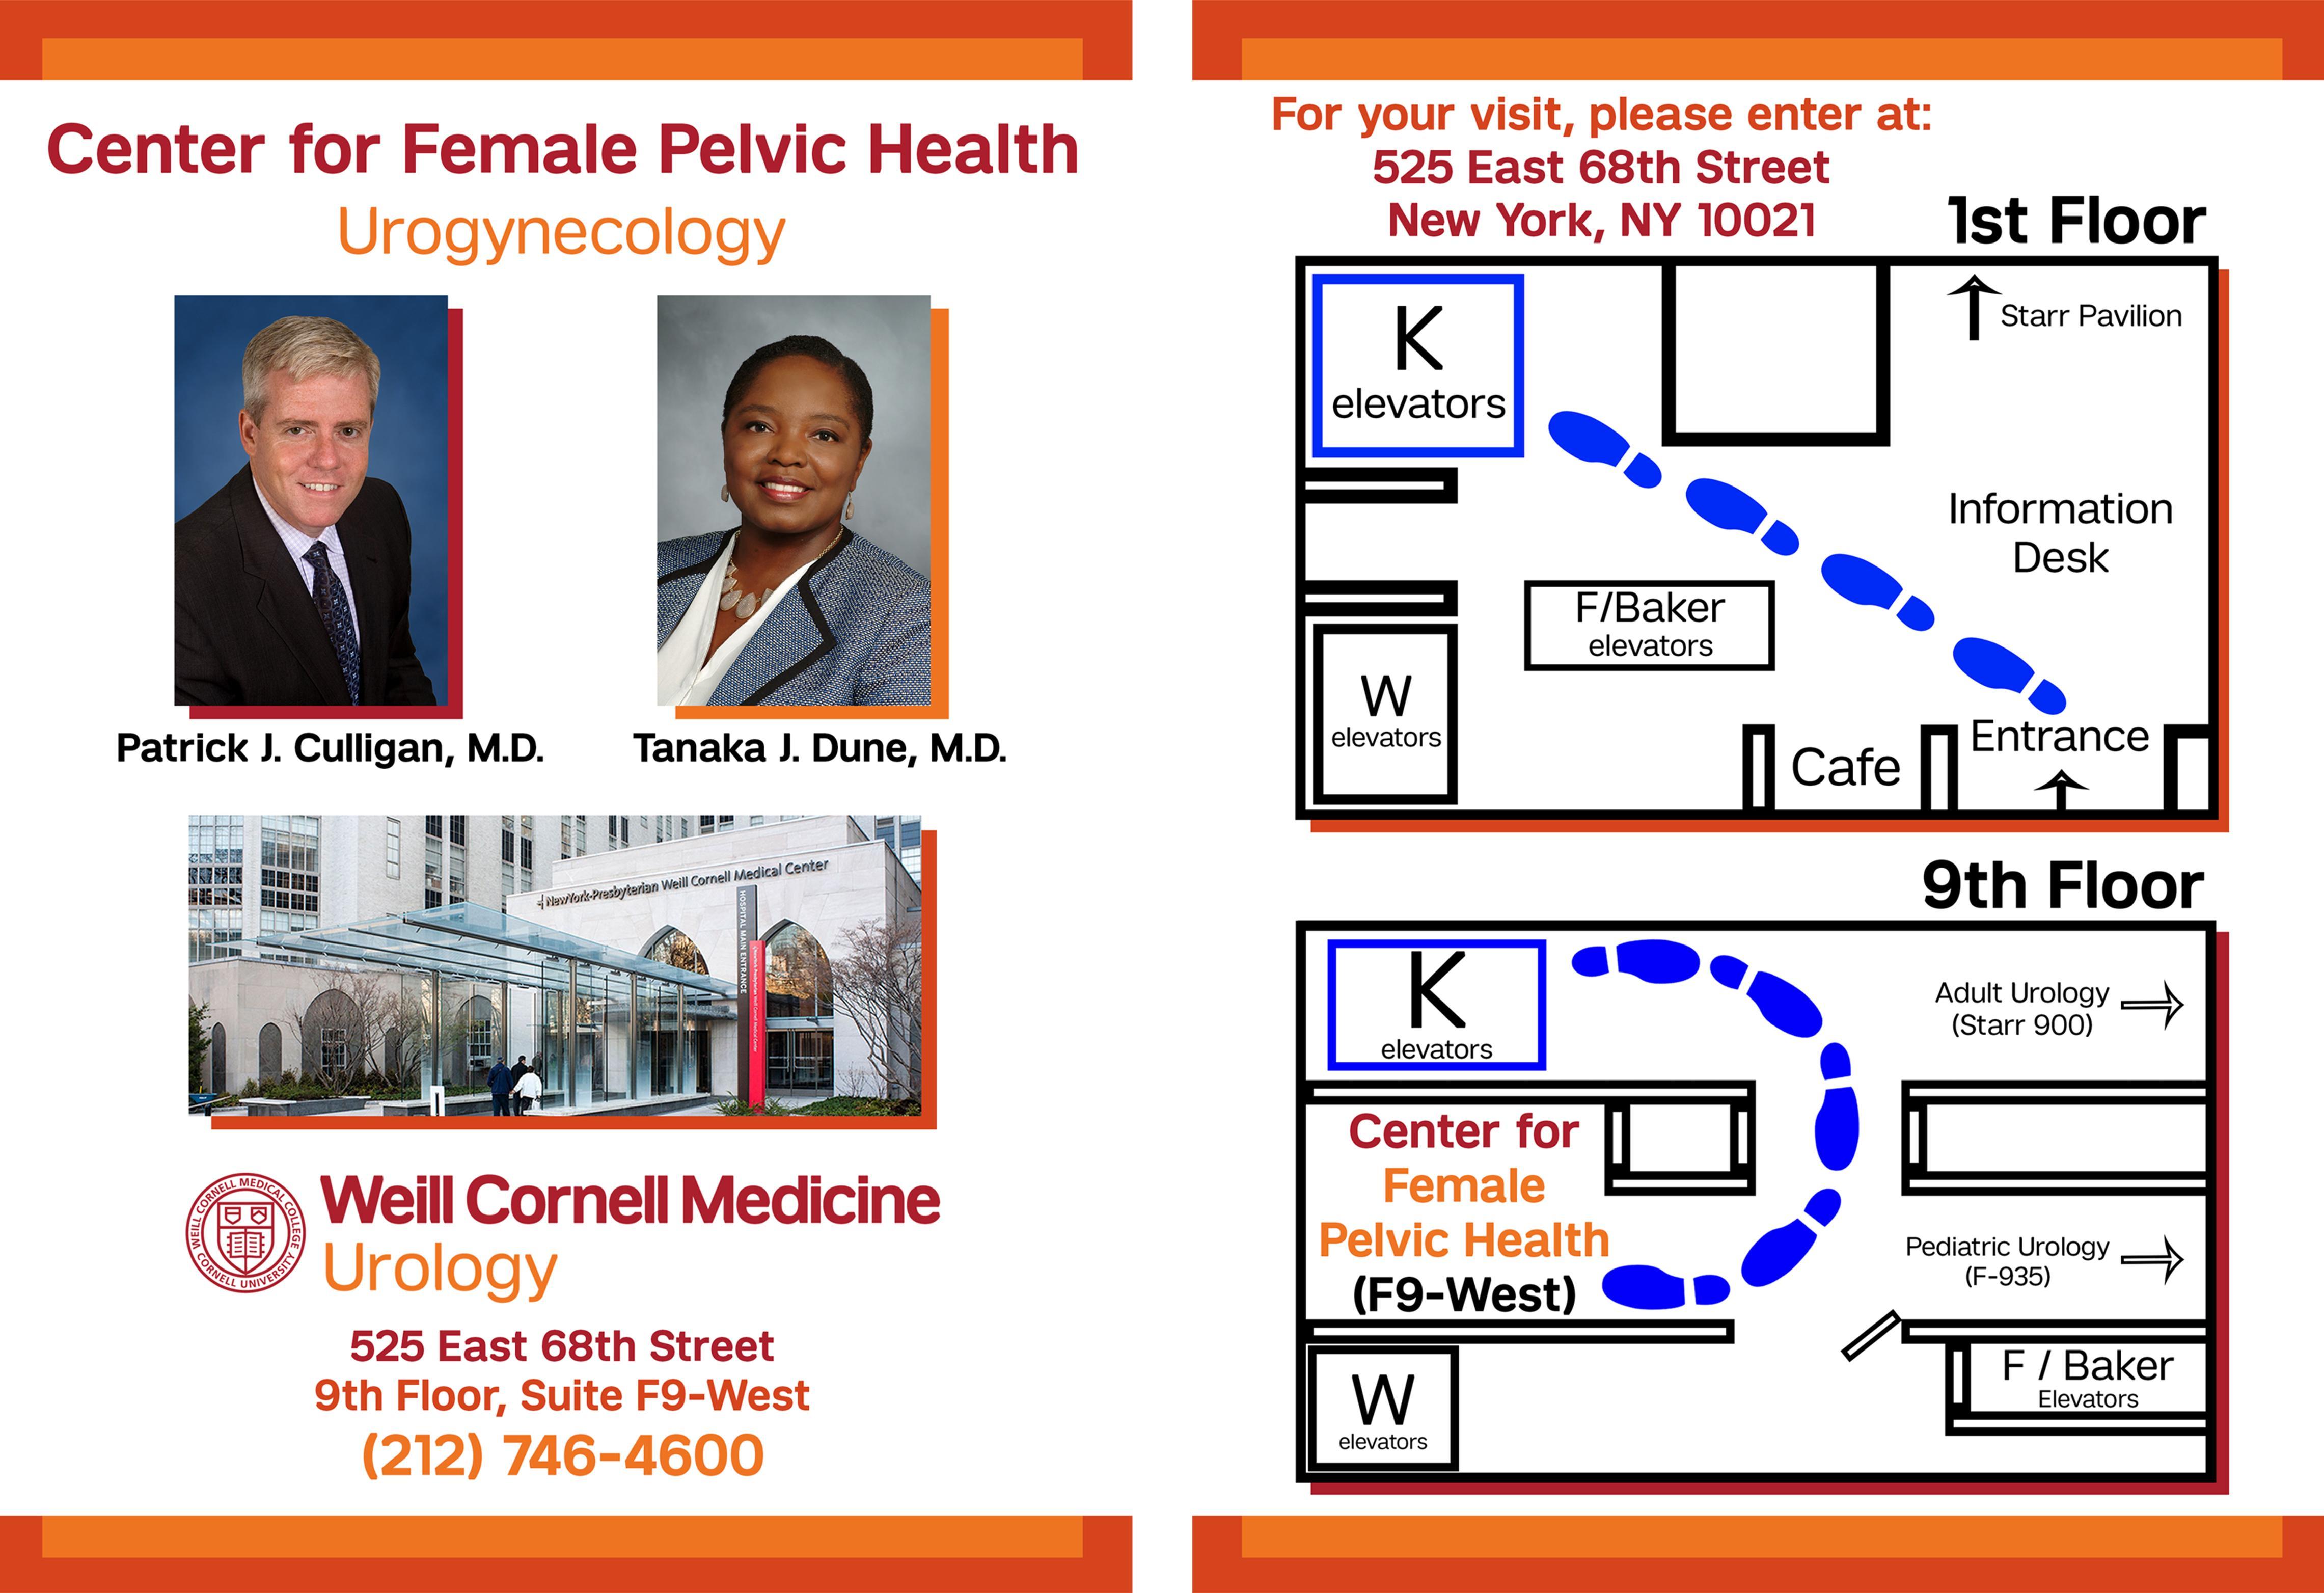 Center for Female Pelvic Health